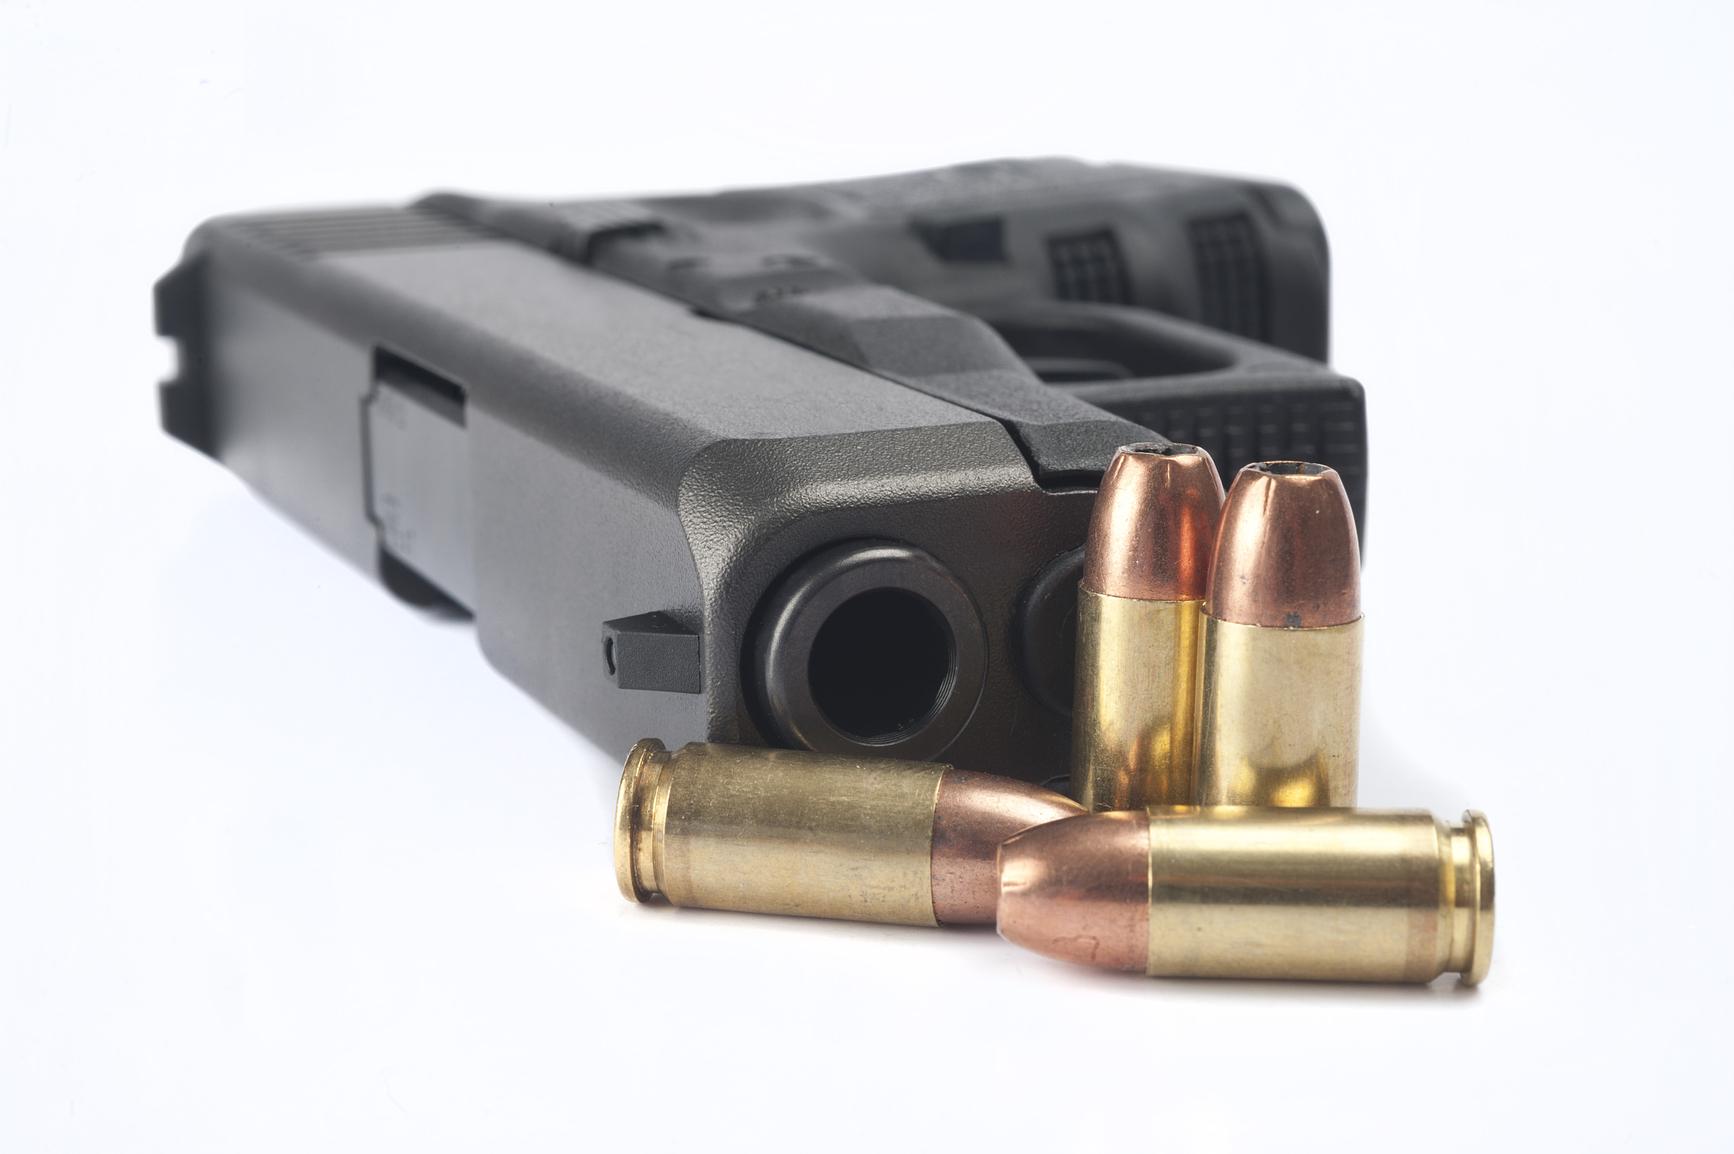 Pawn Shop Guns Wichita Falls TX